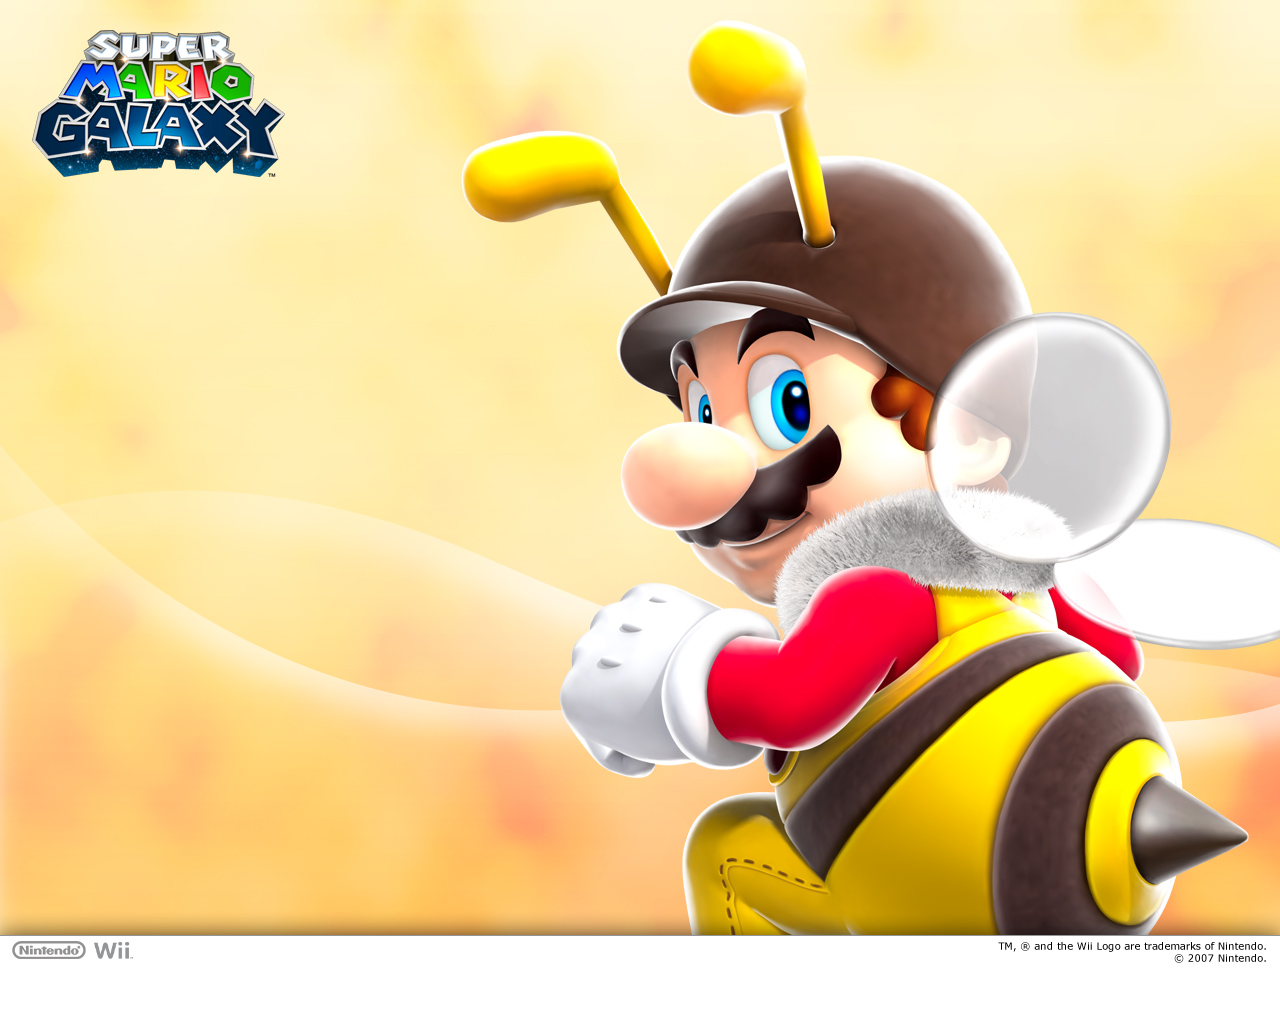 Super Mario Galaxy Wallpapers: Super Mario Galaxy 2 Wallpaper